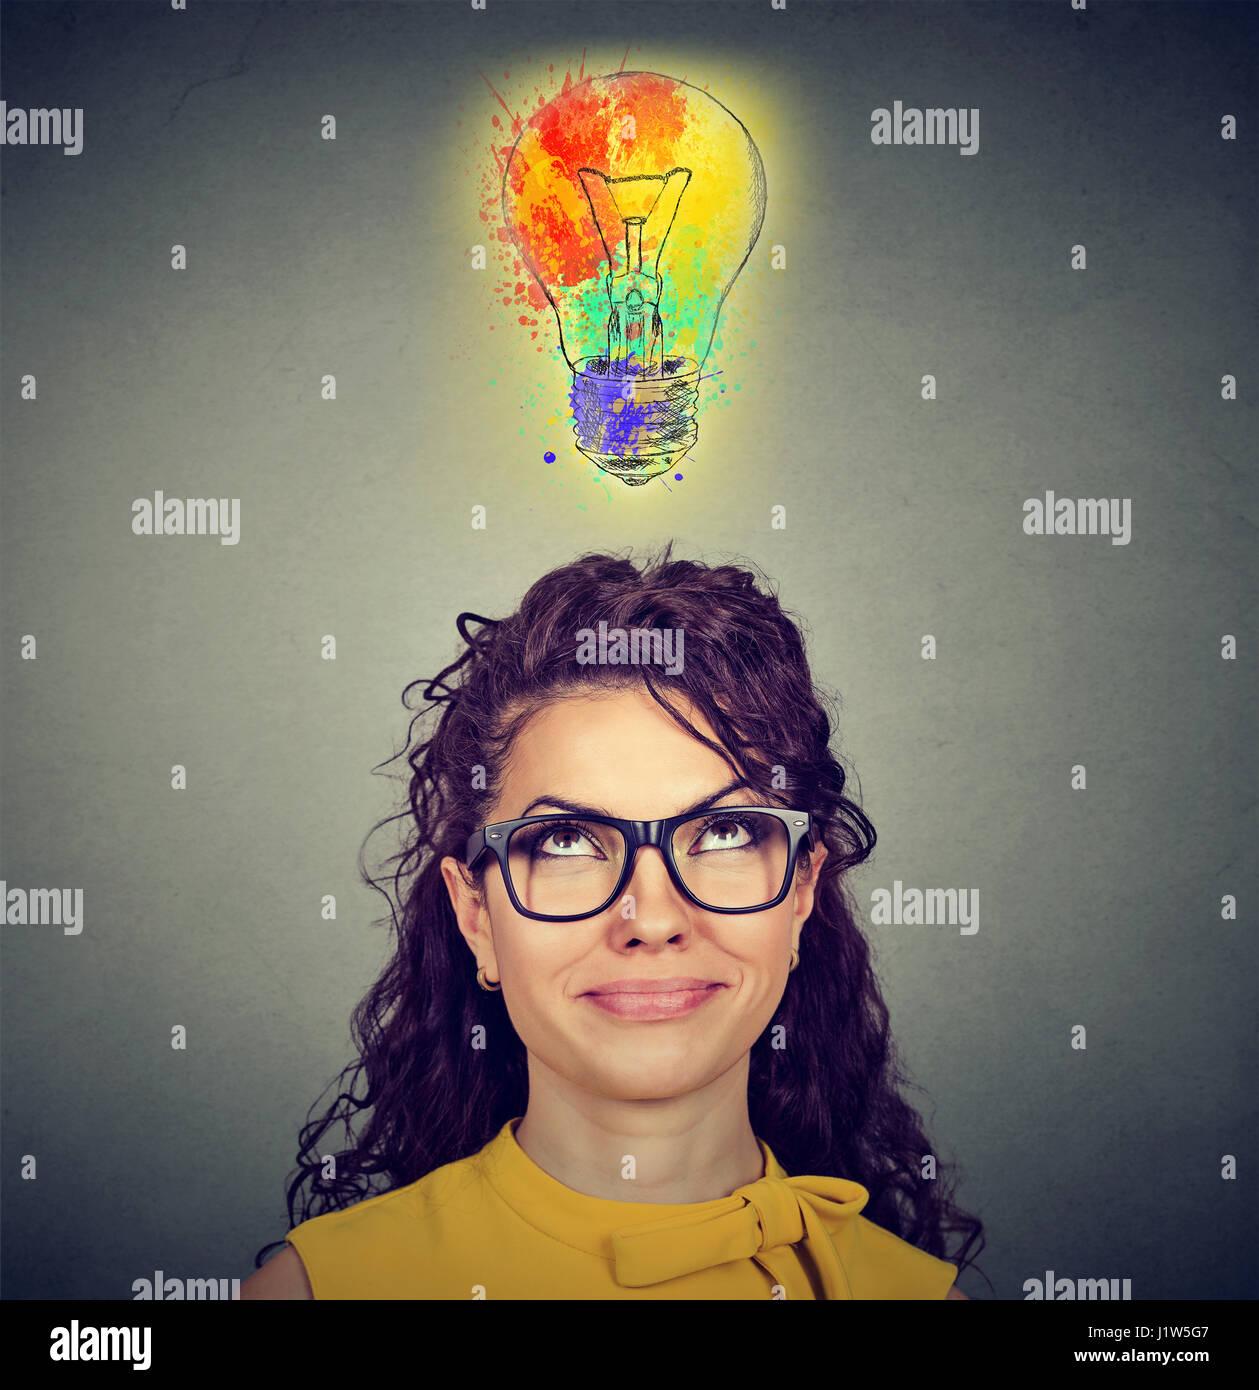 Retrato de una mujer con gafas y creativa idea mirando hacia la luz colorida lámpara en pared gris de fondo. Imagen De Stock